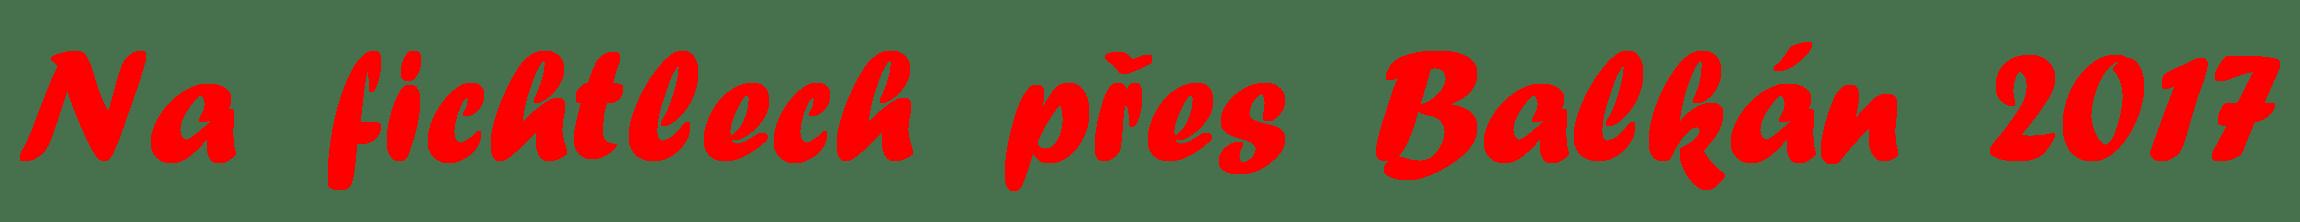 Na pionýrech po Balkánu, Jawa Pionýr, Jawa Mustang, Bosna a Hercegovina, Černá Hora, Albánie, Řecko, Makedonie, Kosovo, Srbsko, Liberland, Dobrodruzi na fichtlech, S Jawou na cestách